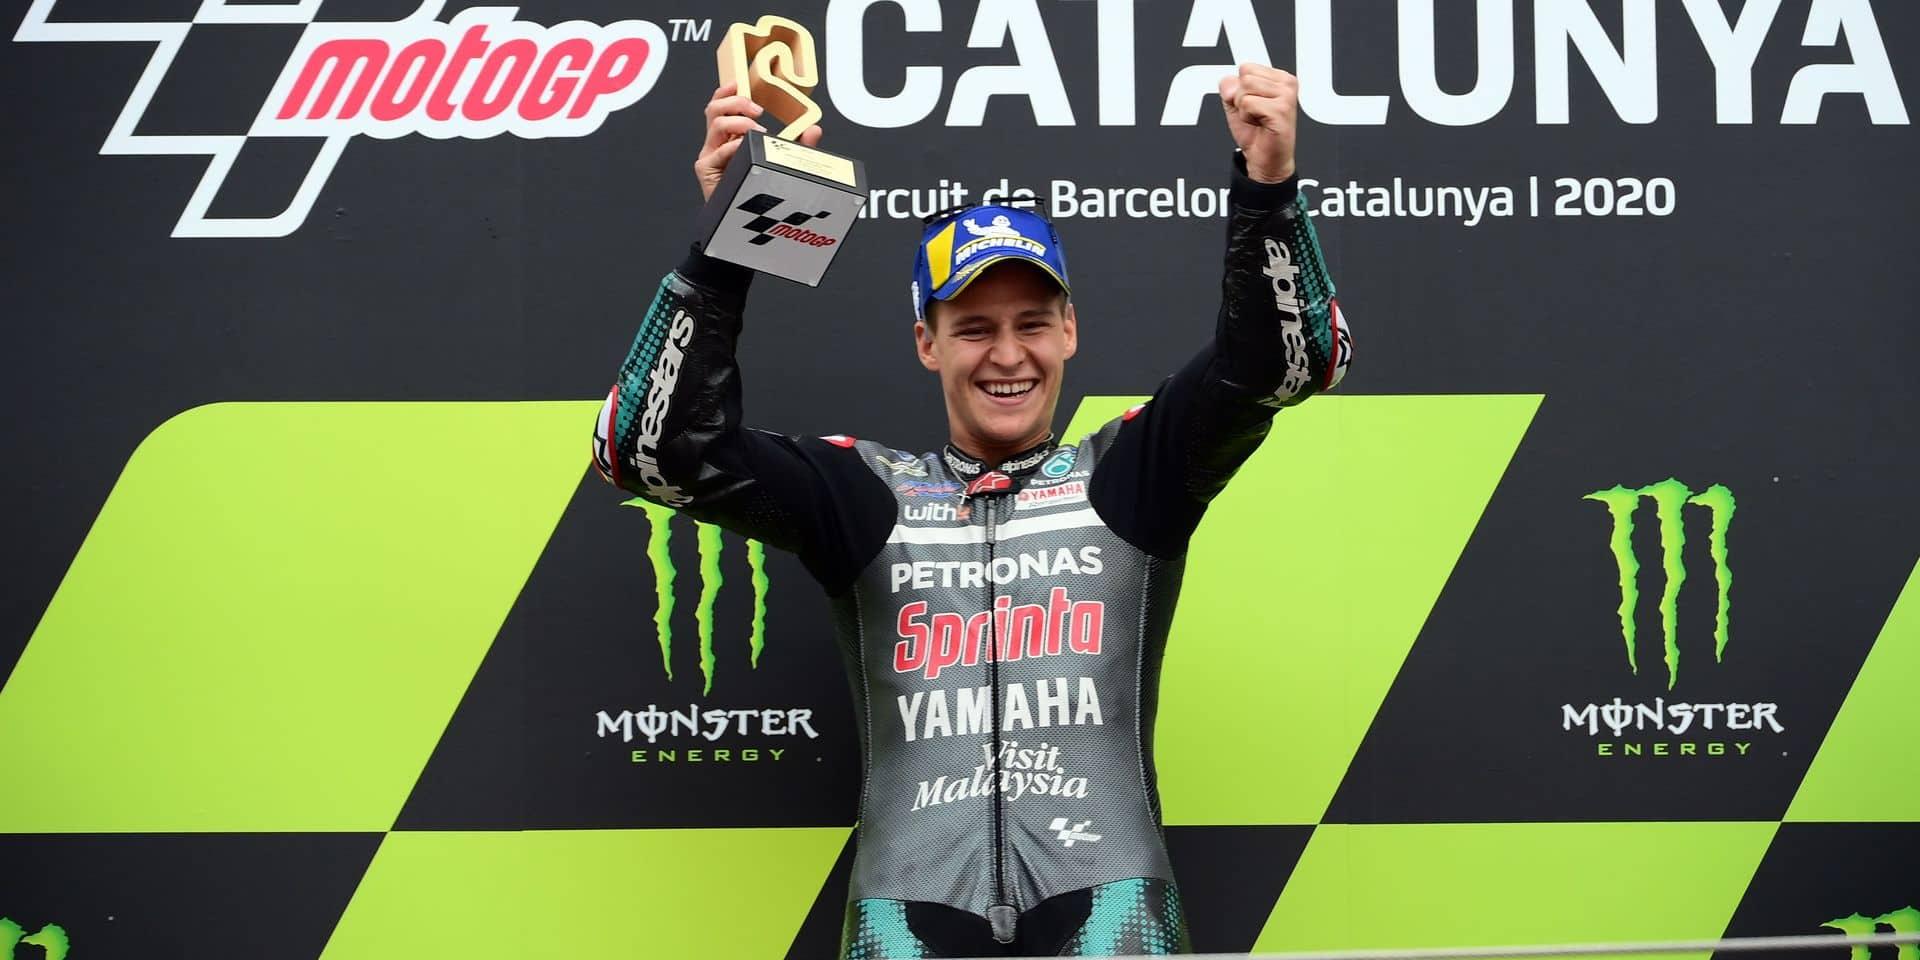 Moto GP: Fabio Quartararo prend la main